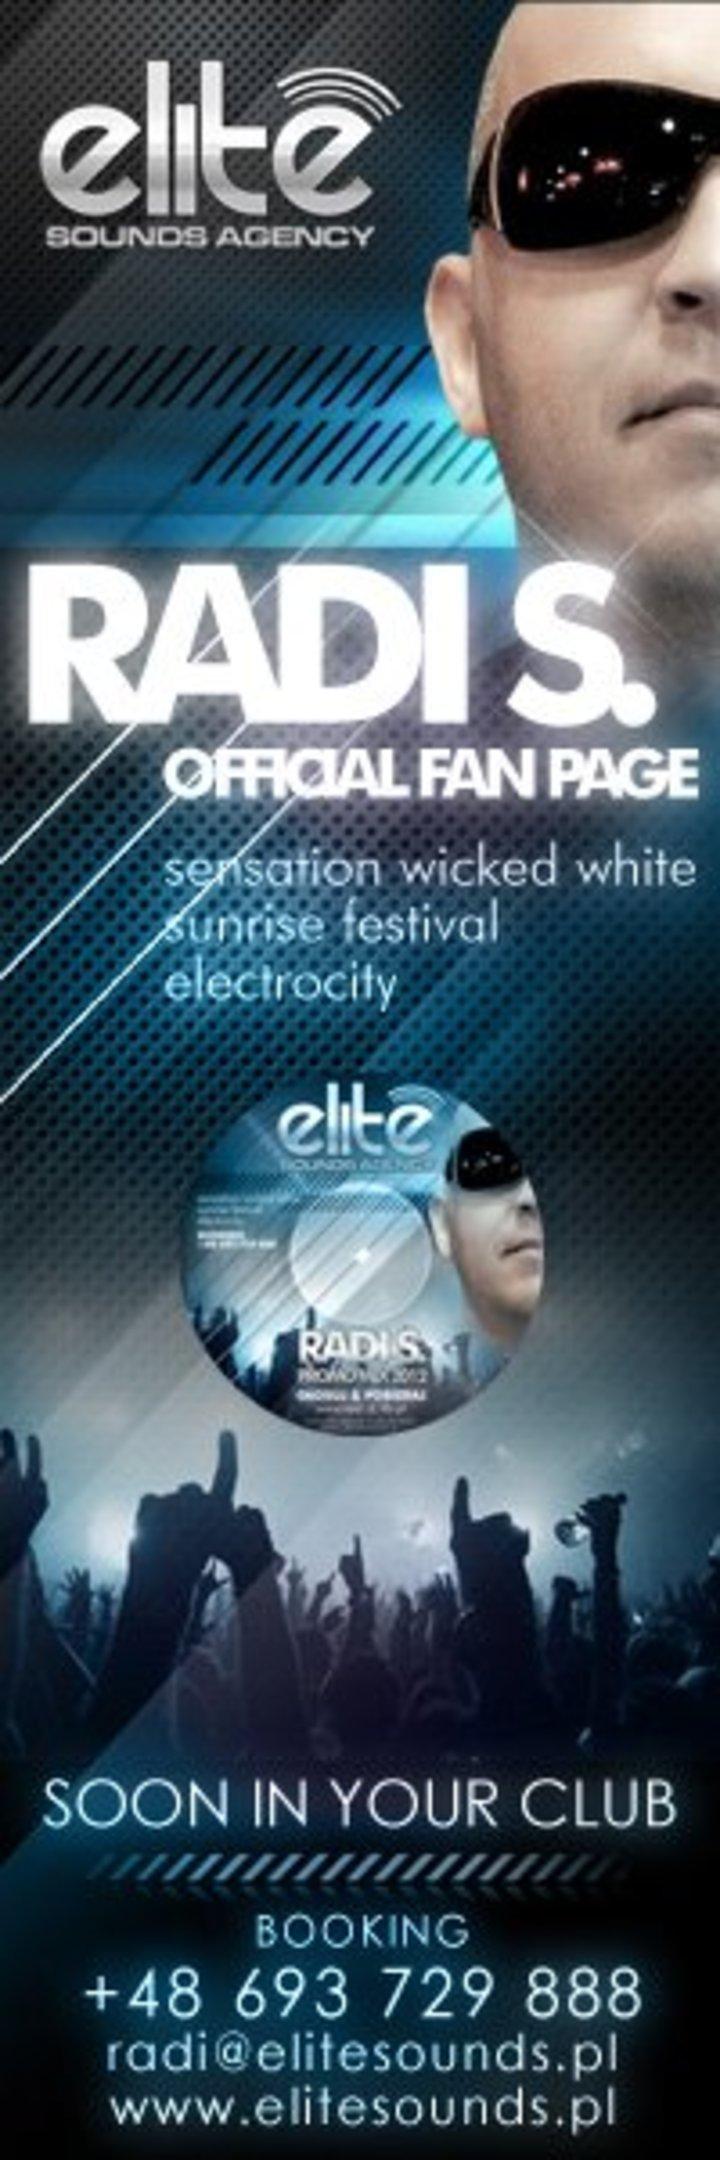 Radi S. [Elite Sounds Agency] Tour Dates